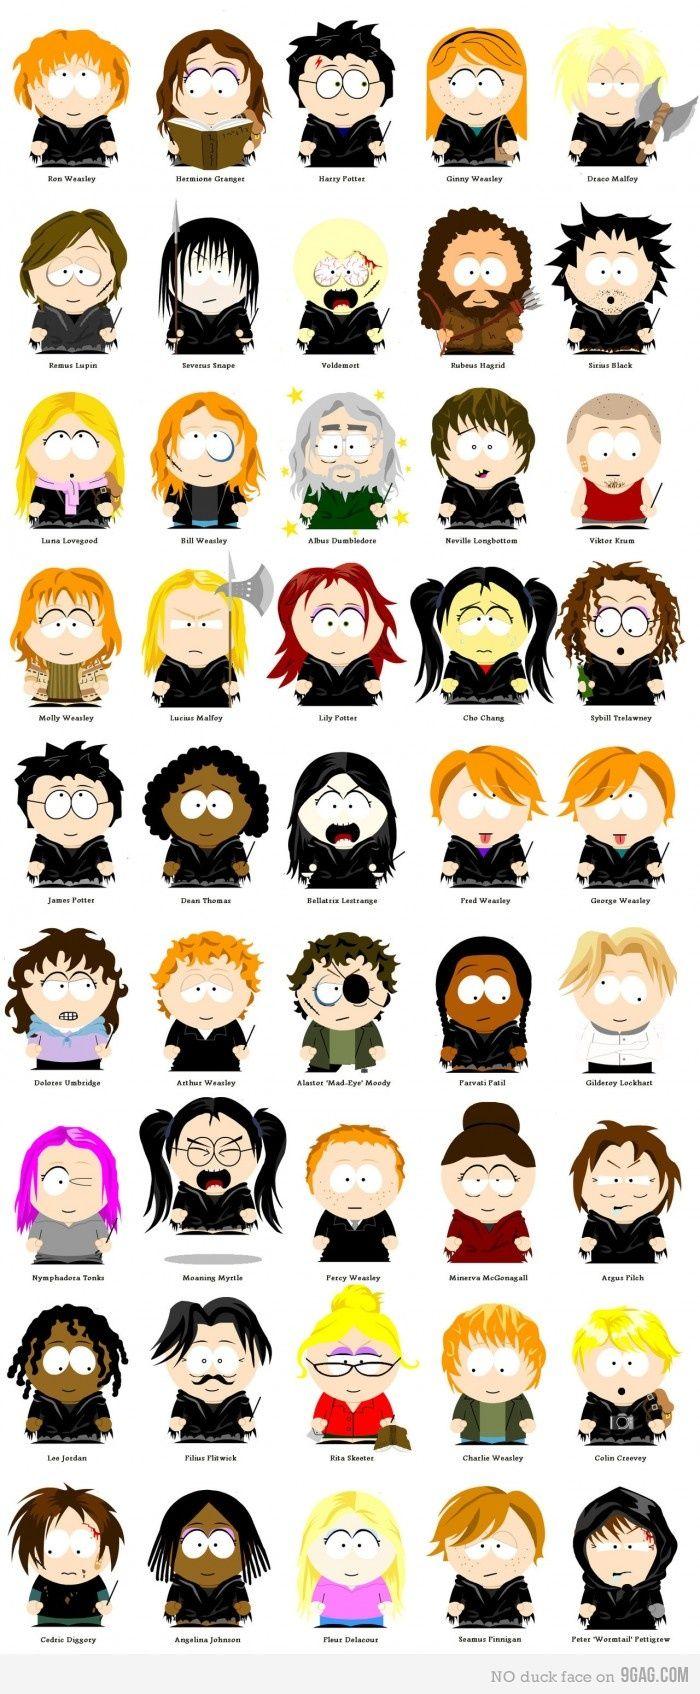 Harry Potter South Park Harry Potter Characters Harry Potter Universal Harry Potter Love